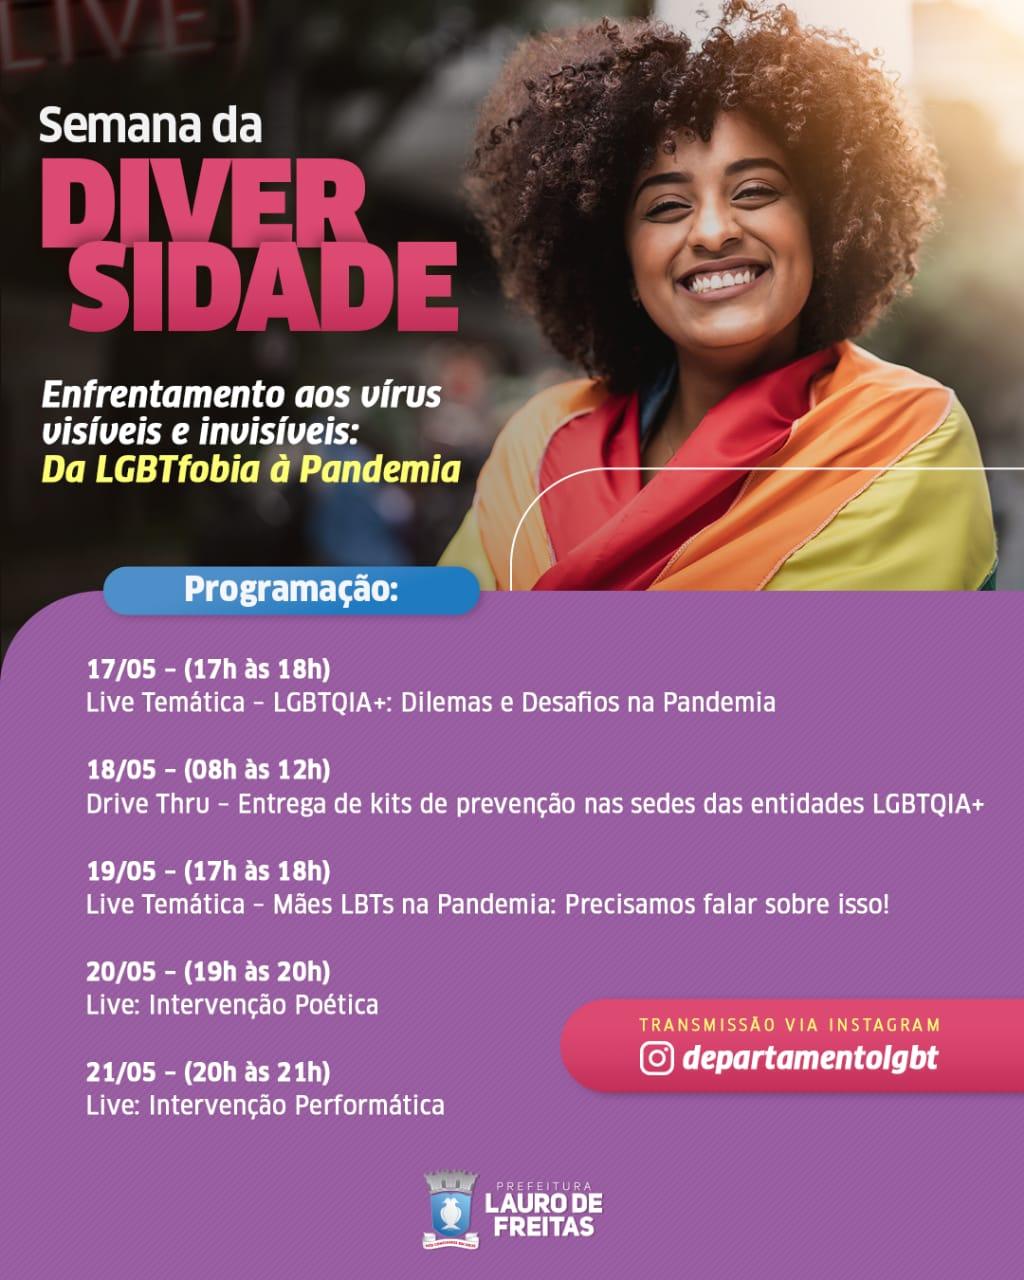 'Semana da Diversidade' reforça direitos e lutas da comunidade LGBTQIA+ em Lauro de Freitas